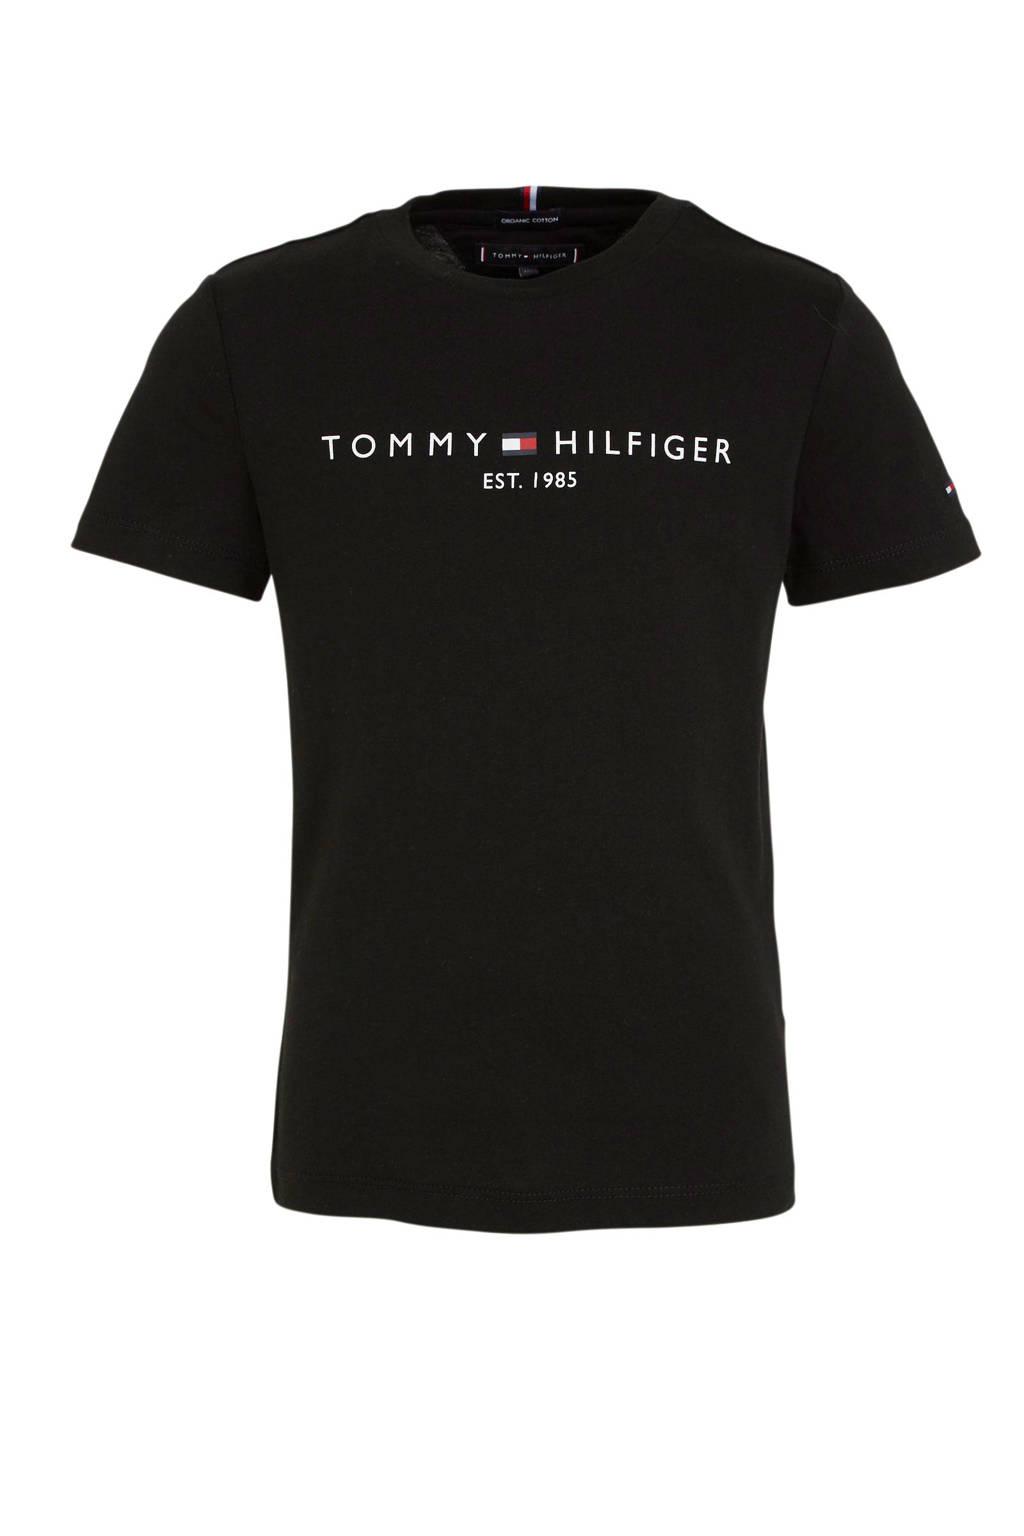 Tommy Hilfiger T-shirt met logo zwart, Zwart